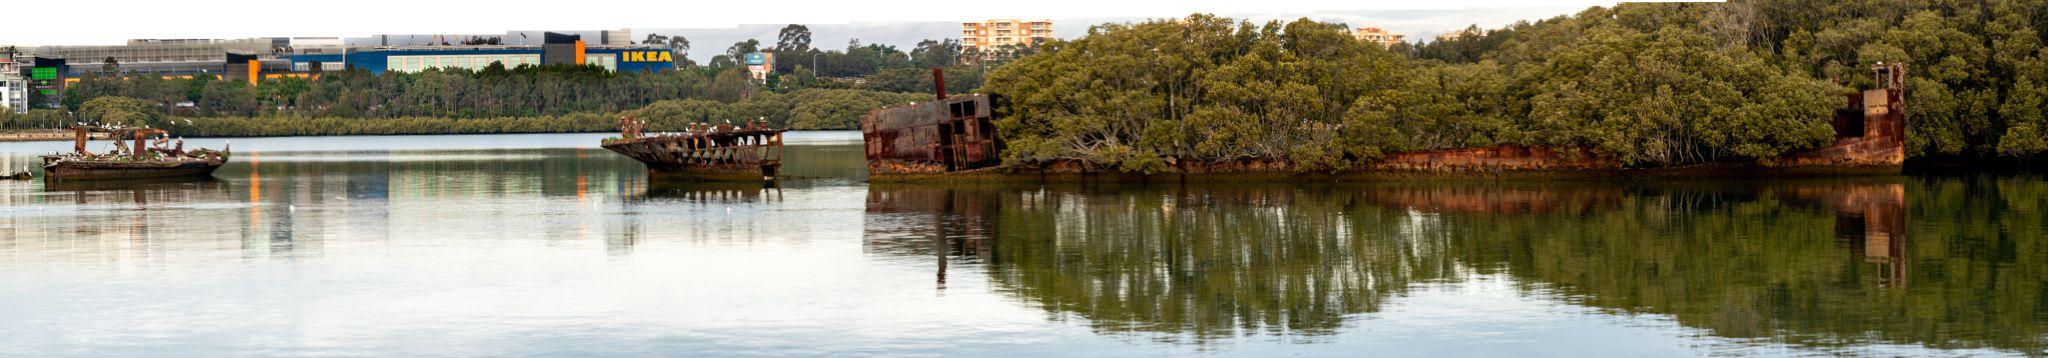 Shipwreck graveyard Homebush Sydney, Australia